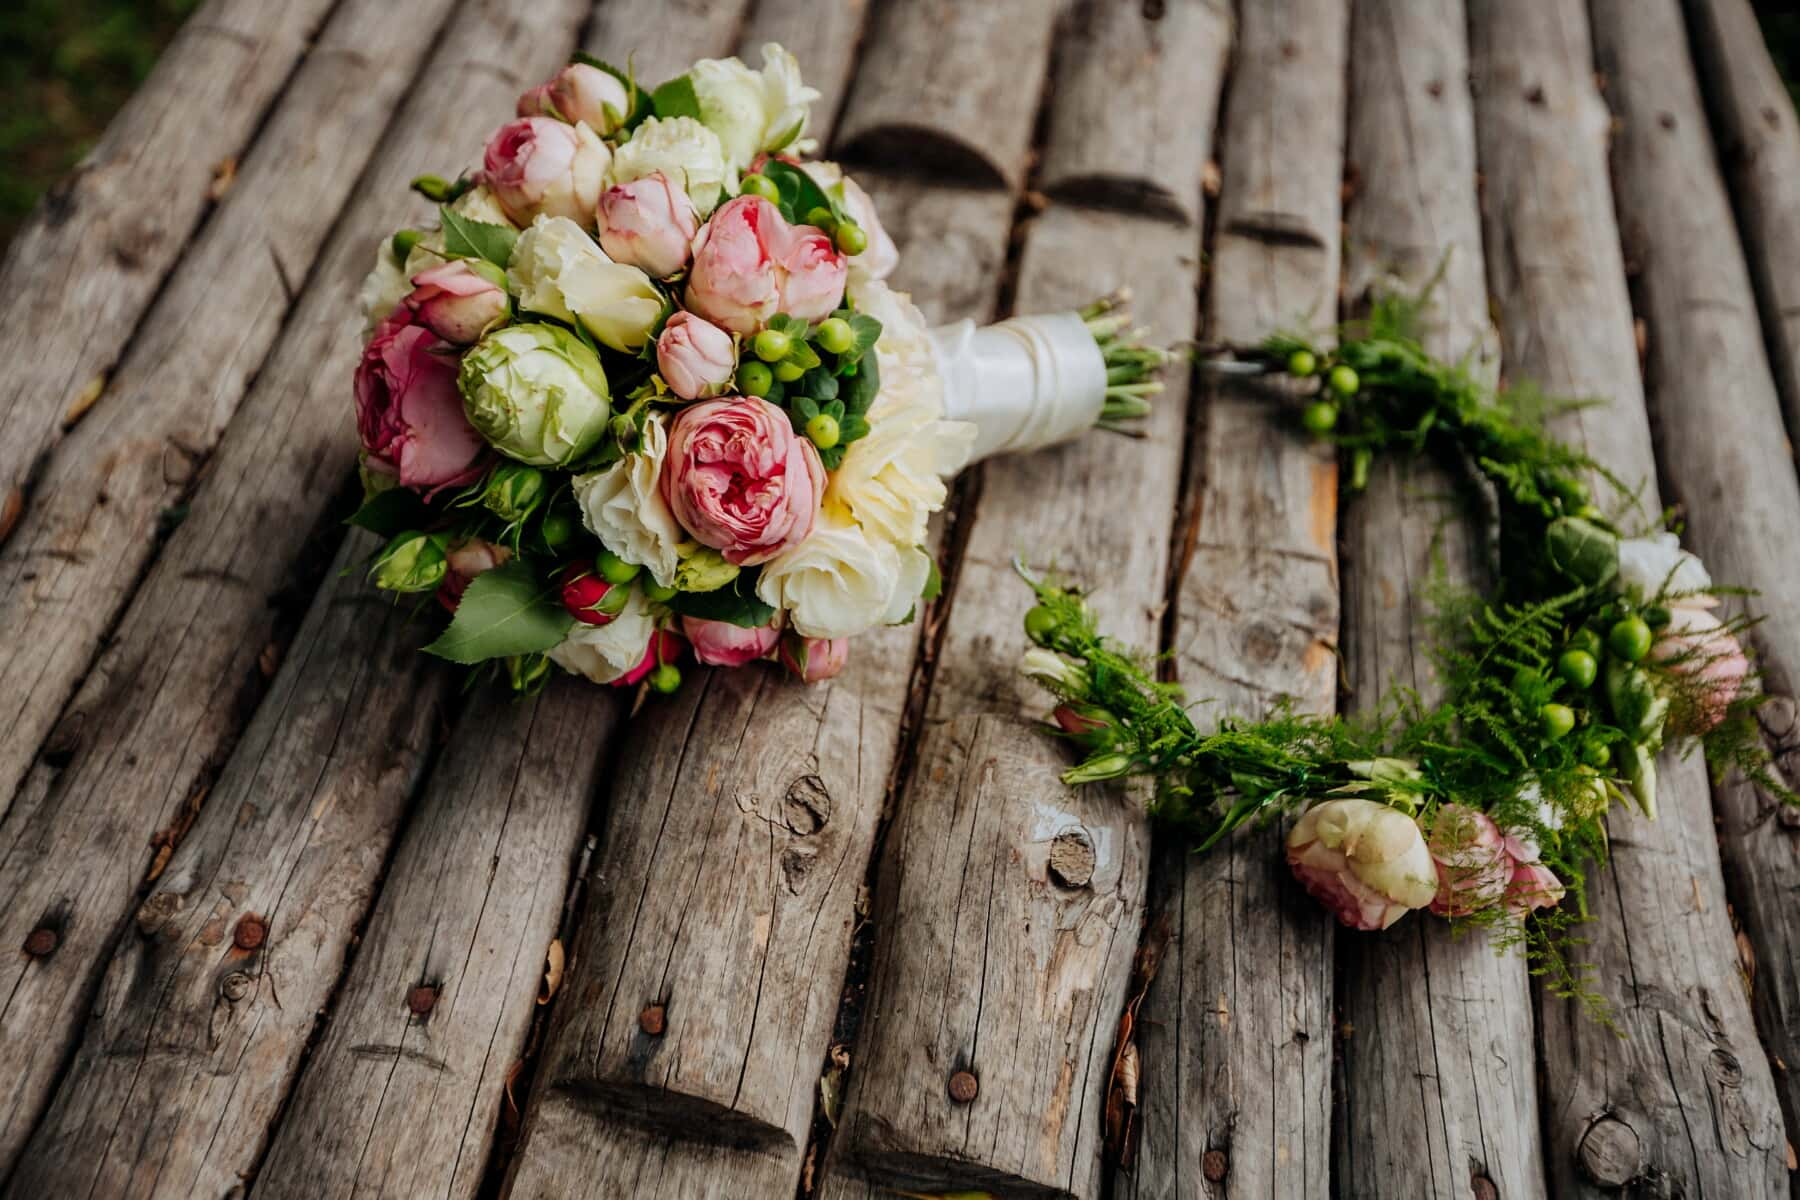 Holz, Hochzeitsstrauß, Anordnung, Dekoration, Textur, aus Holz, Blumenstrauß, Natur, Blume, Blatt